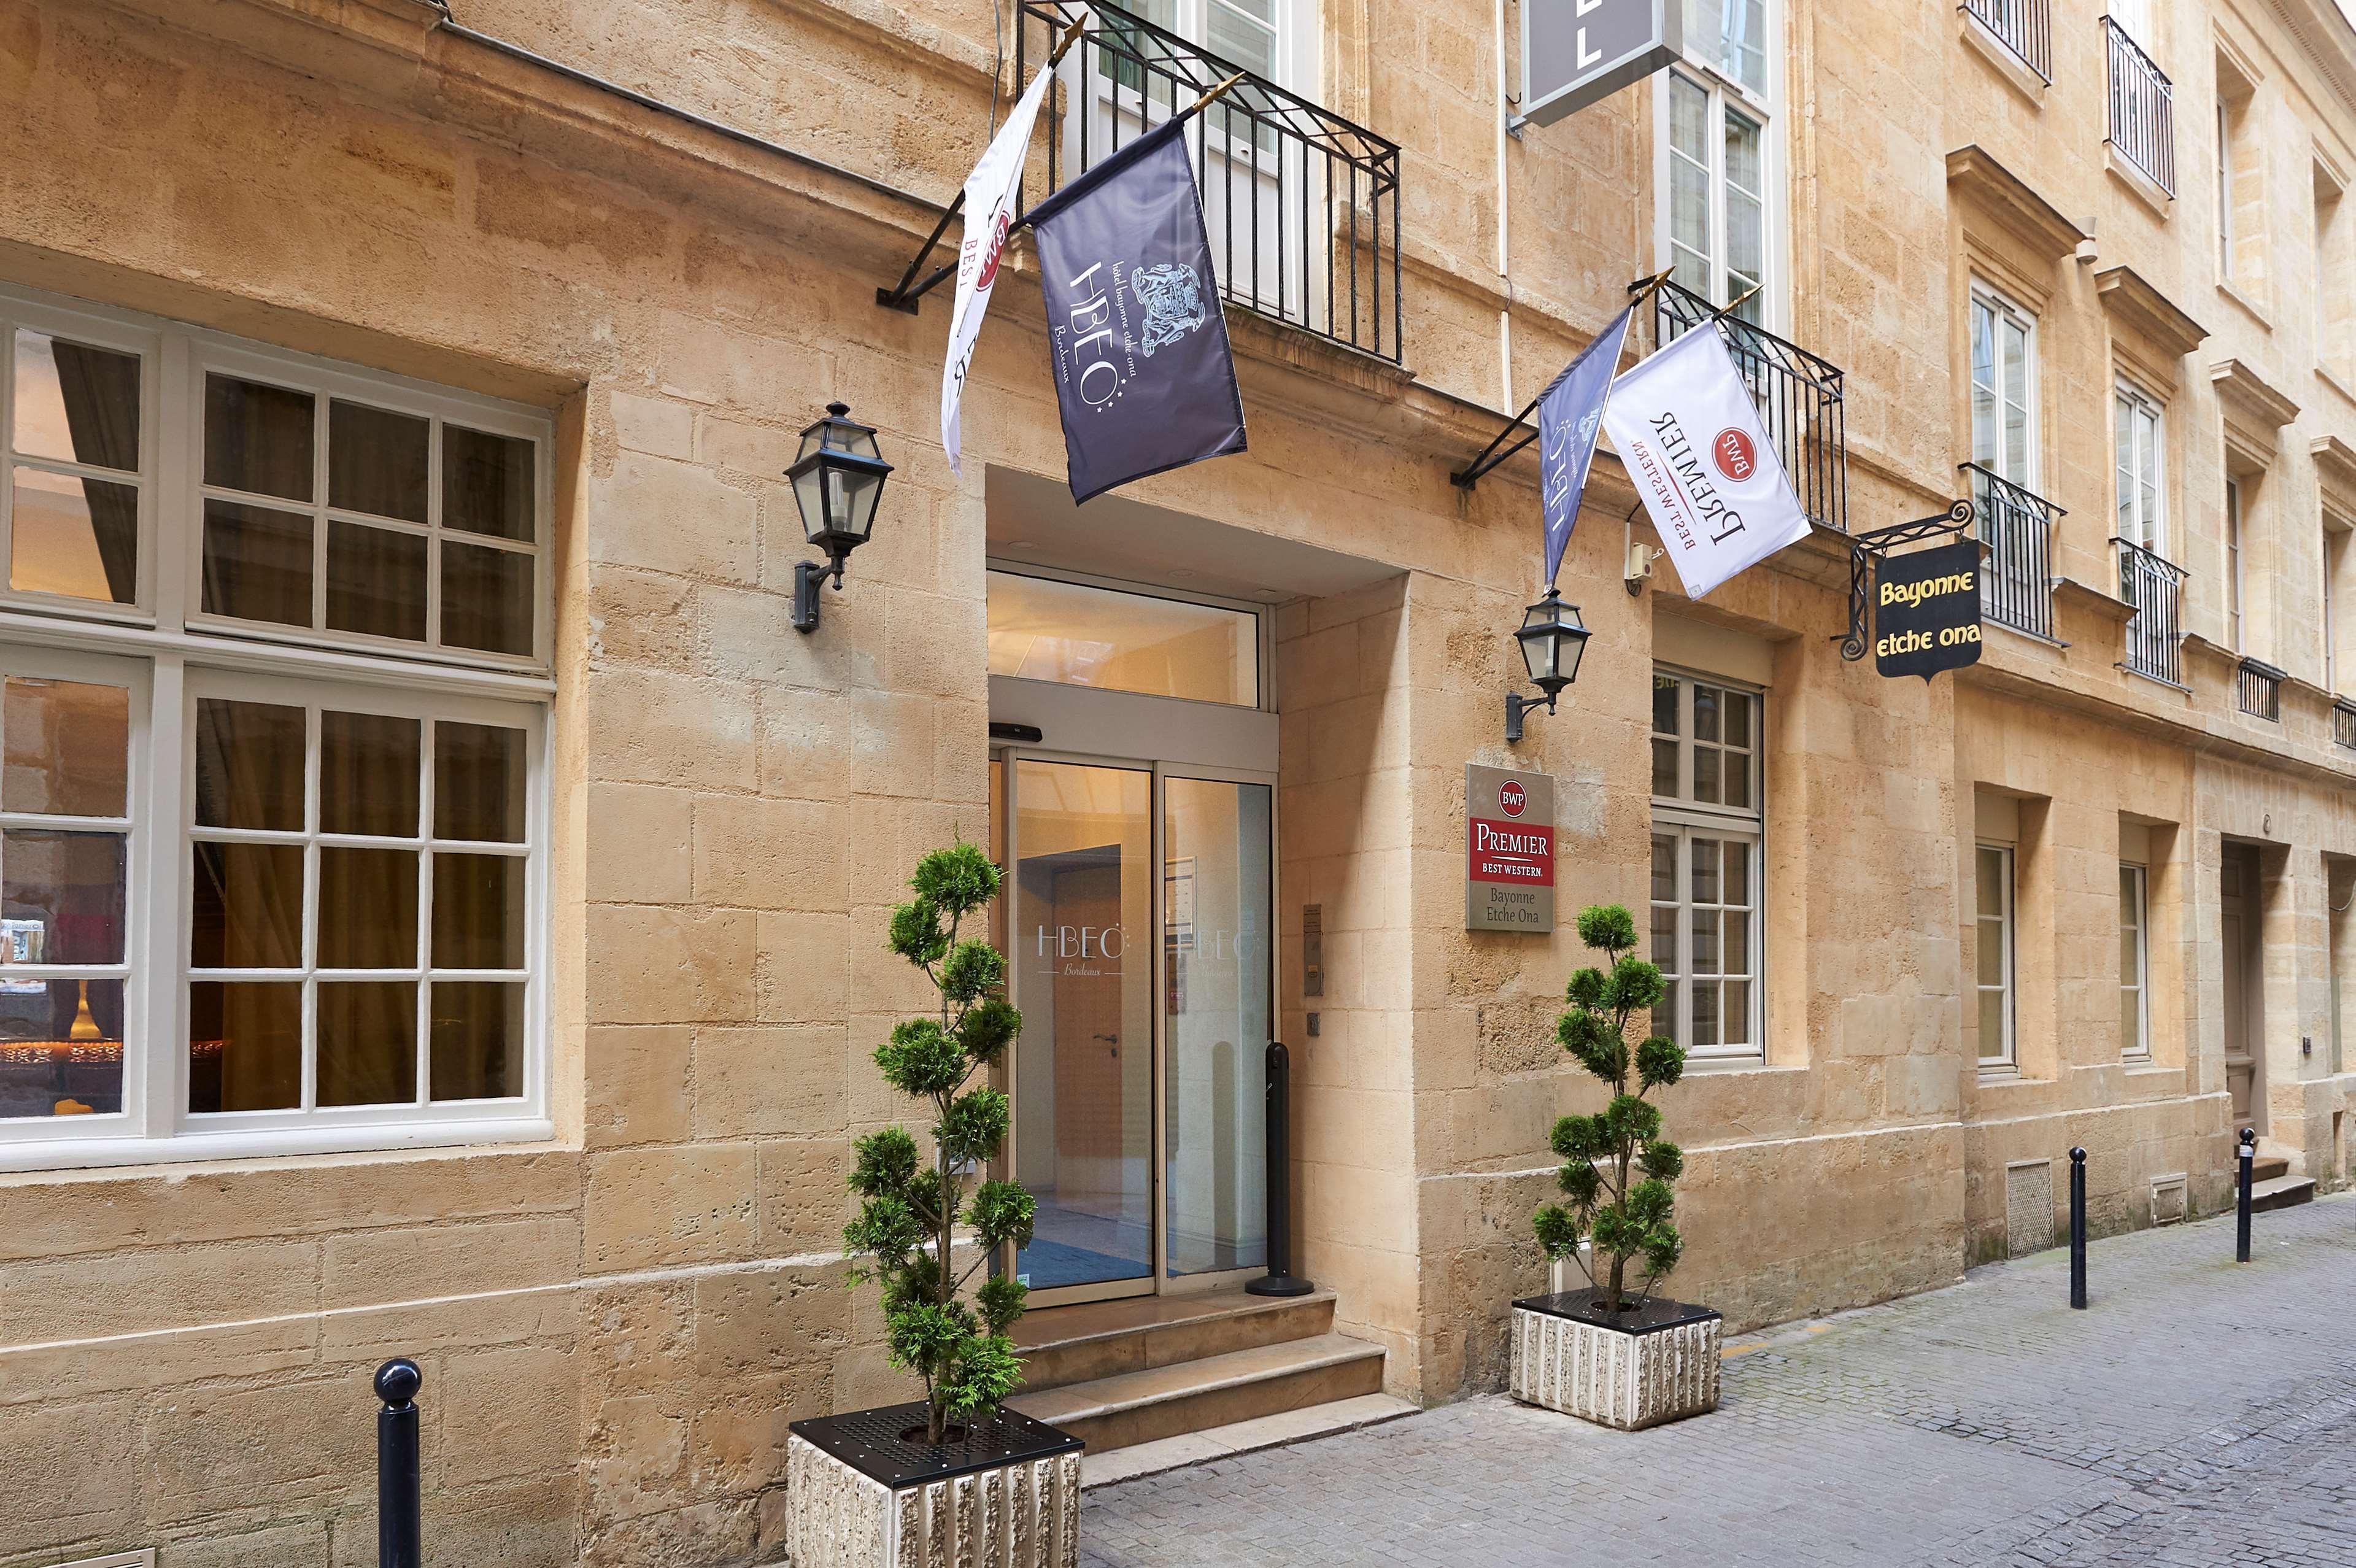 Best Western Premier Bordeaux Bayonne Etche Ona, Gironde